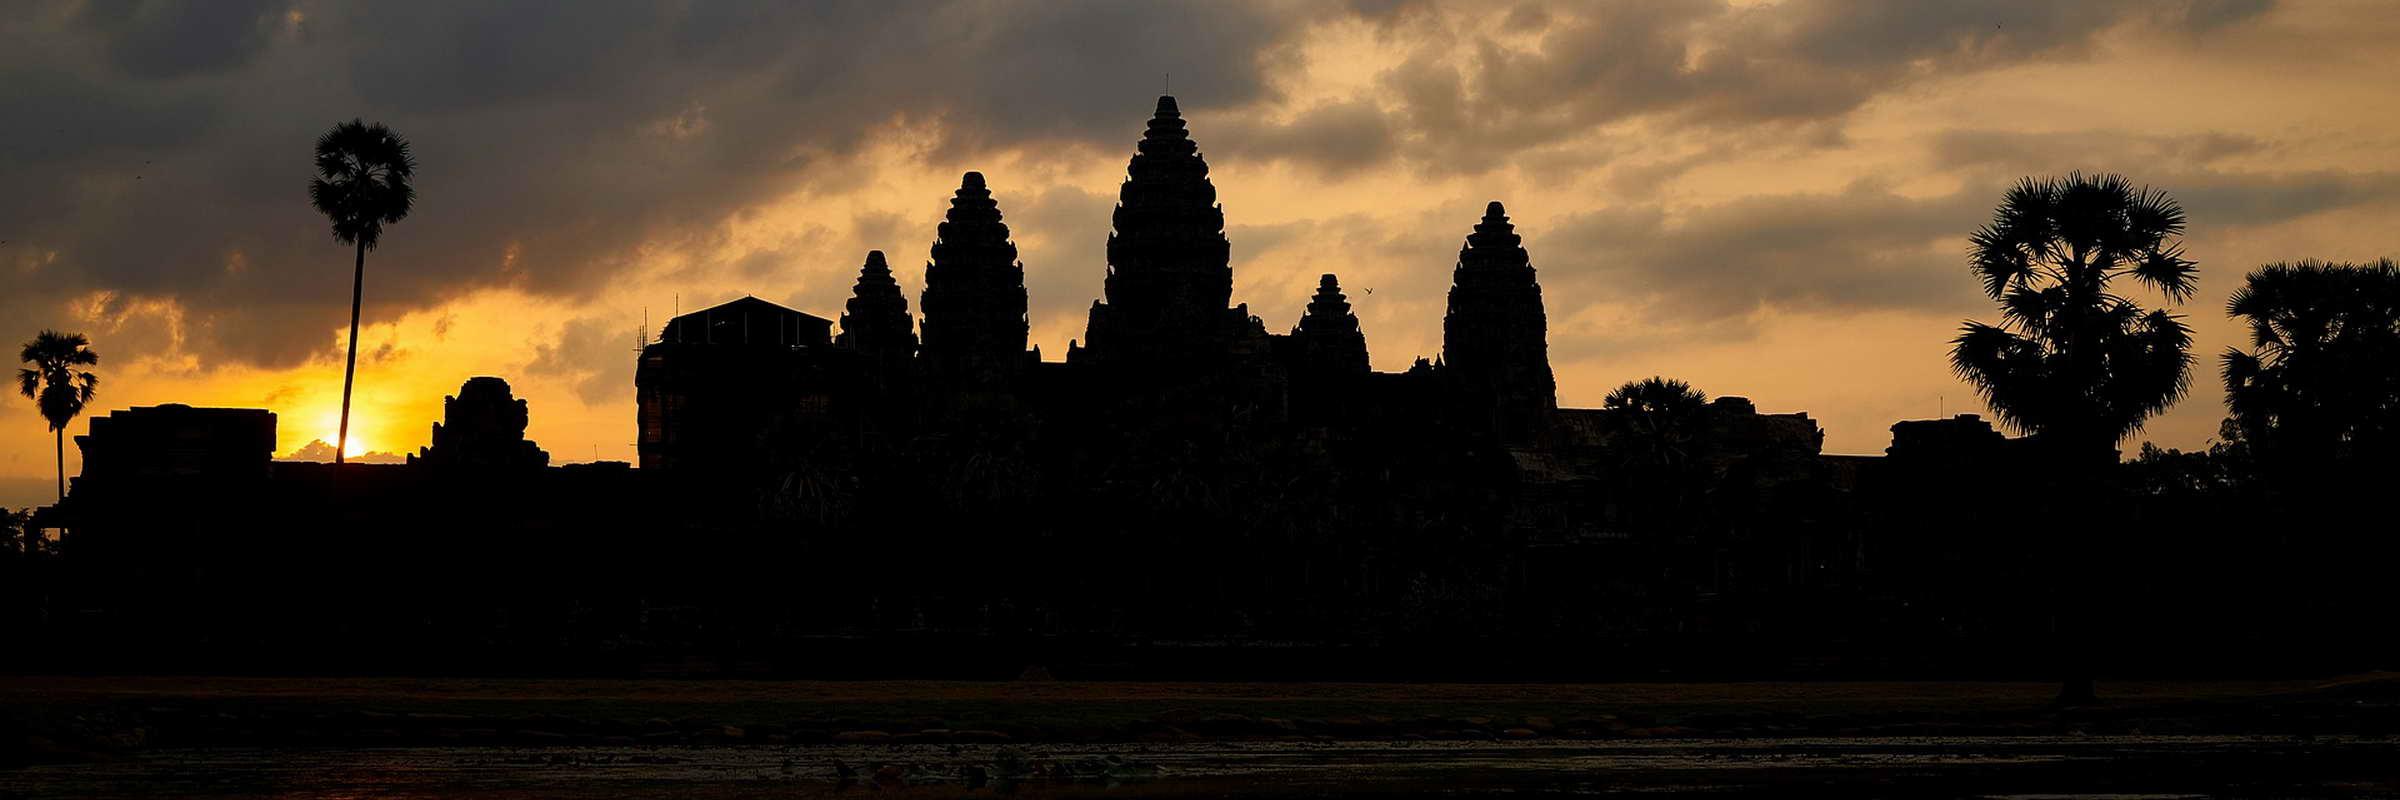 Unsere Hotels in Kambodscha